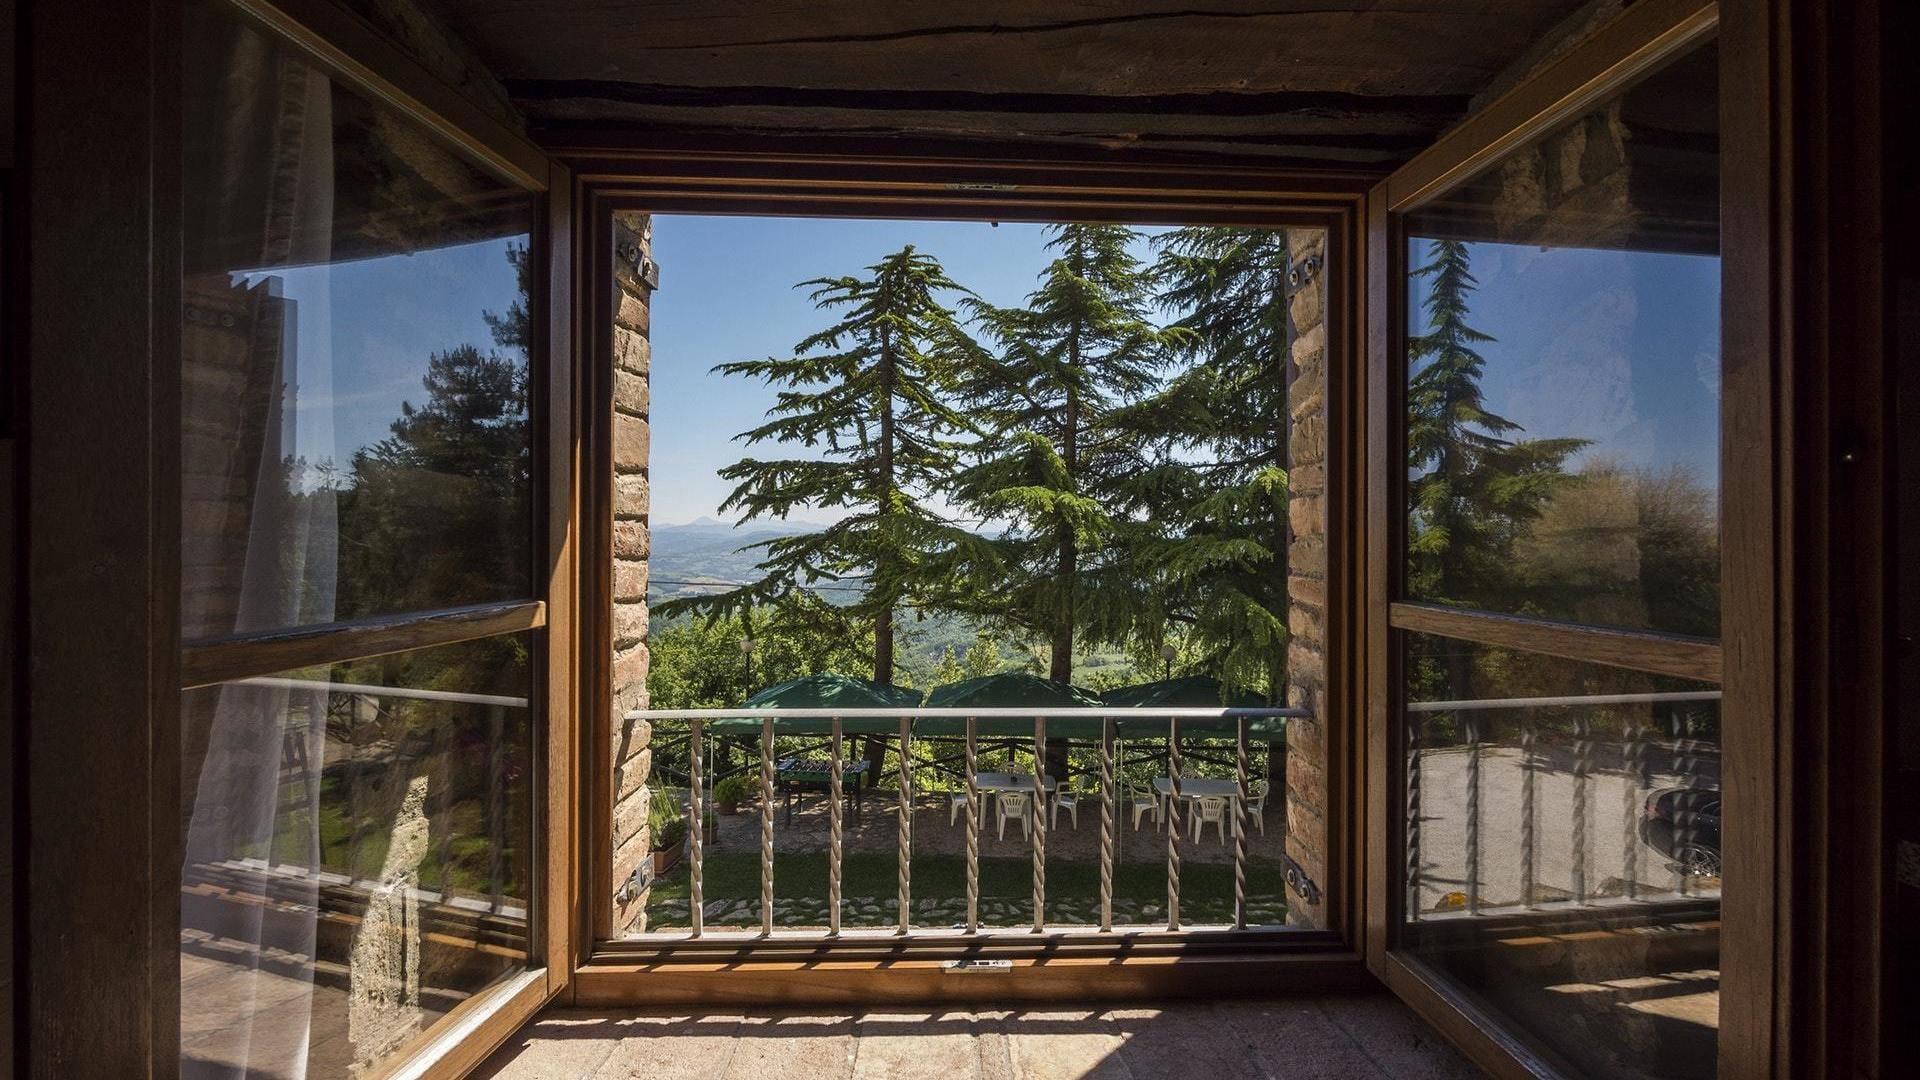 I migliori 20 esperti nel restauro di infissi in legno a roma - Restauro finestre in legno ...